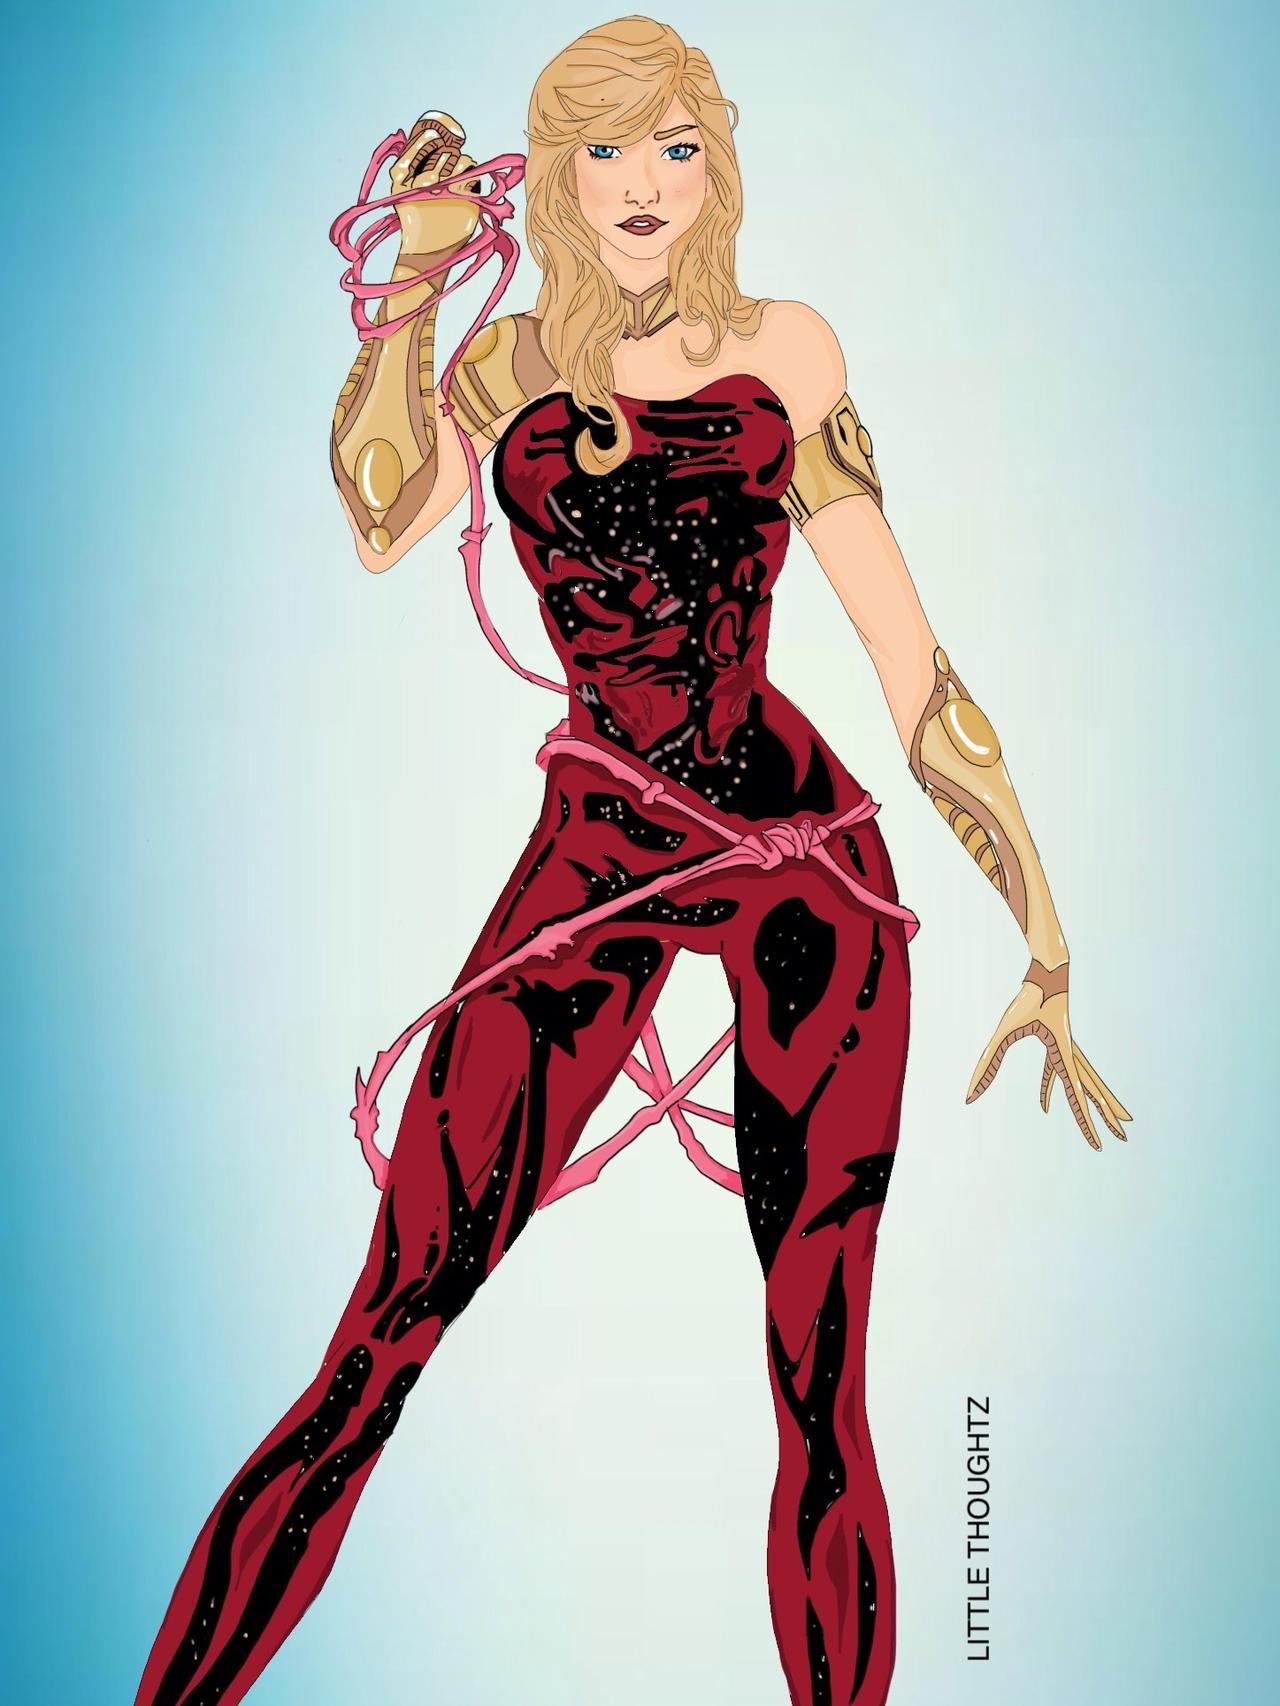 Wonder Girl (Cassie Sandsmark) - Wikipedia